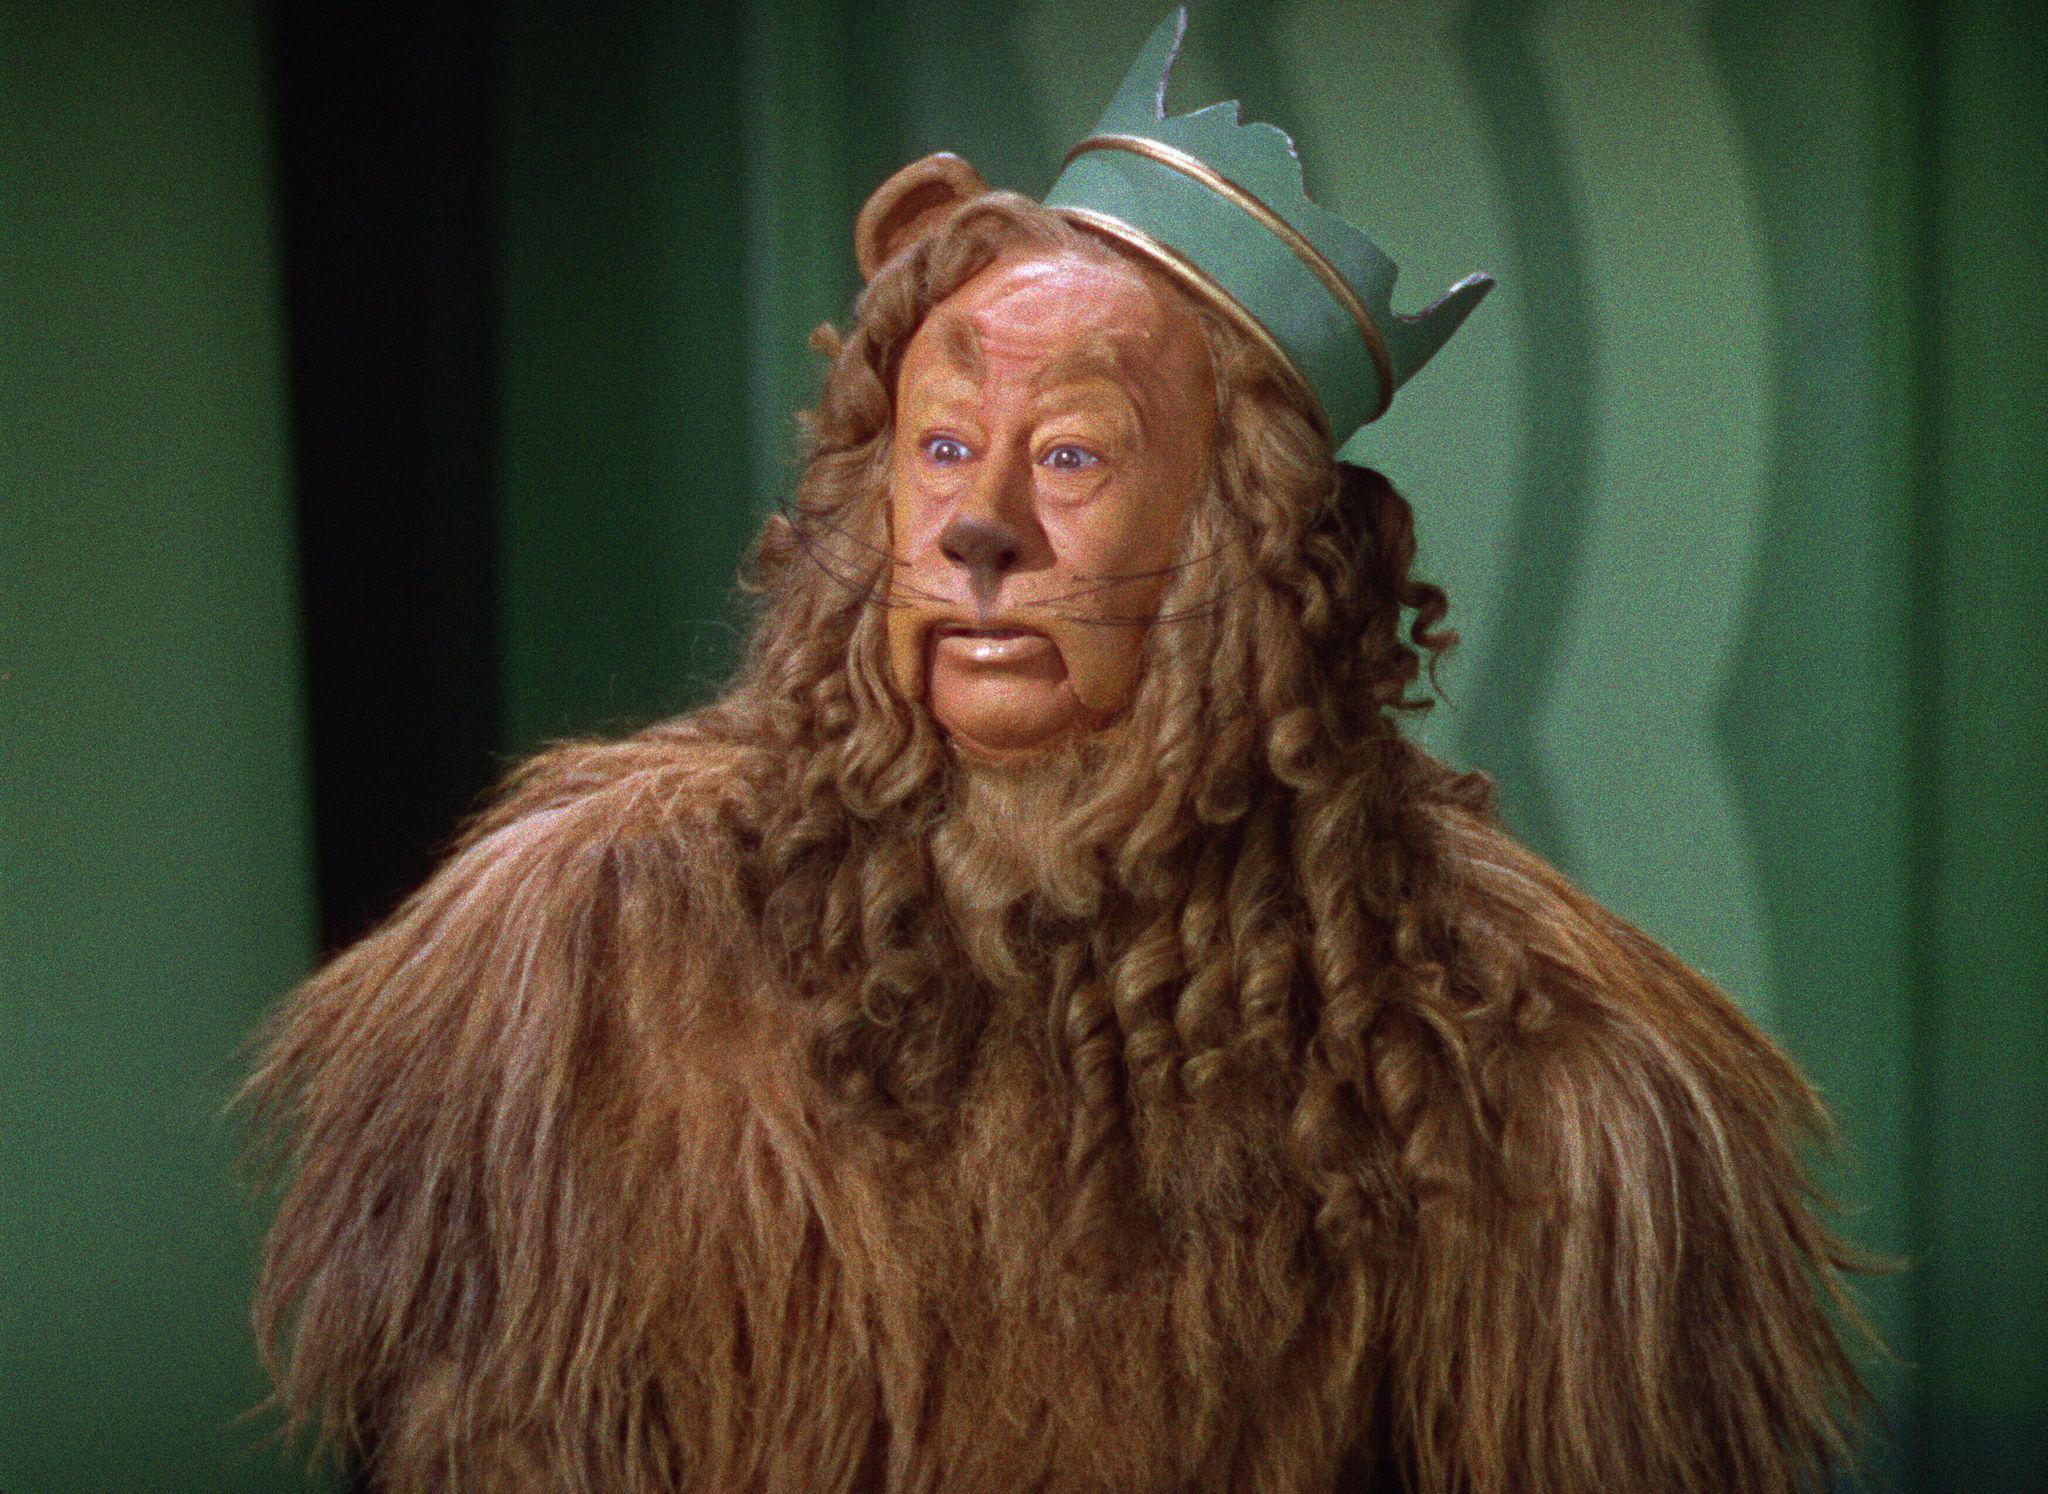 Bert Lahr in The Wizard of Oz (1939)